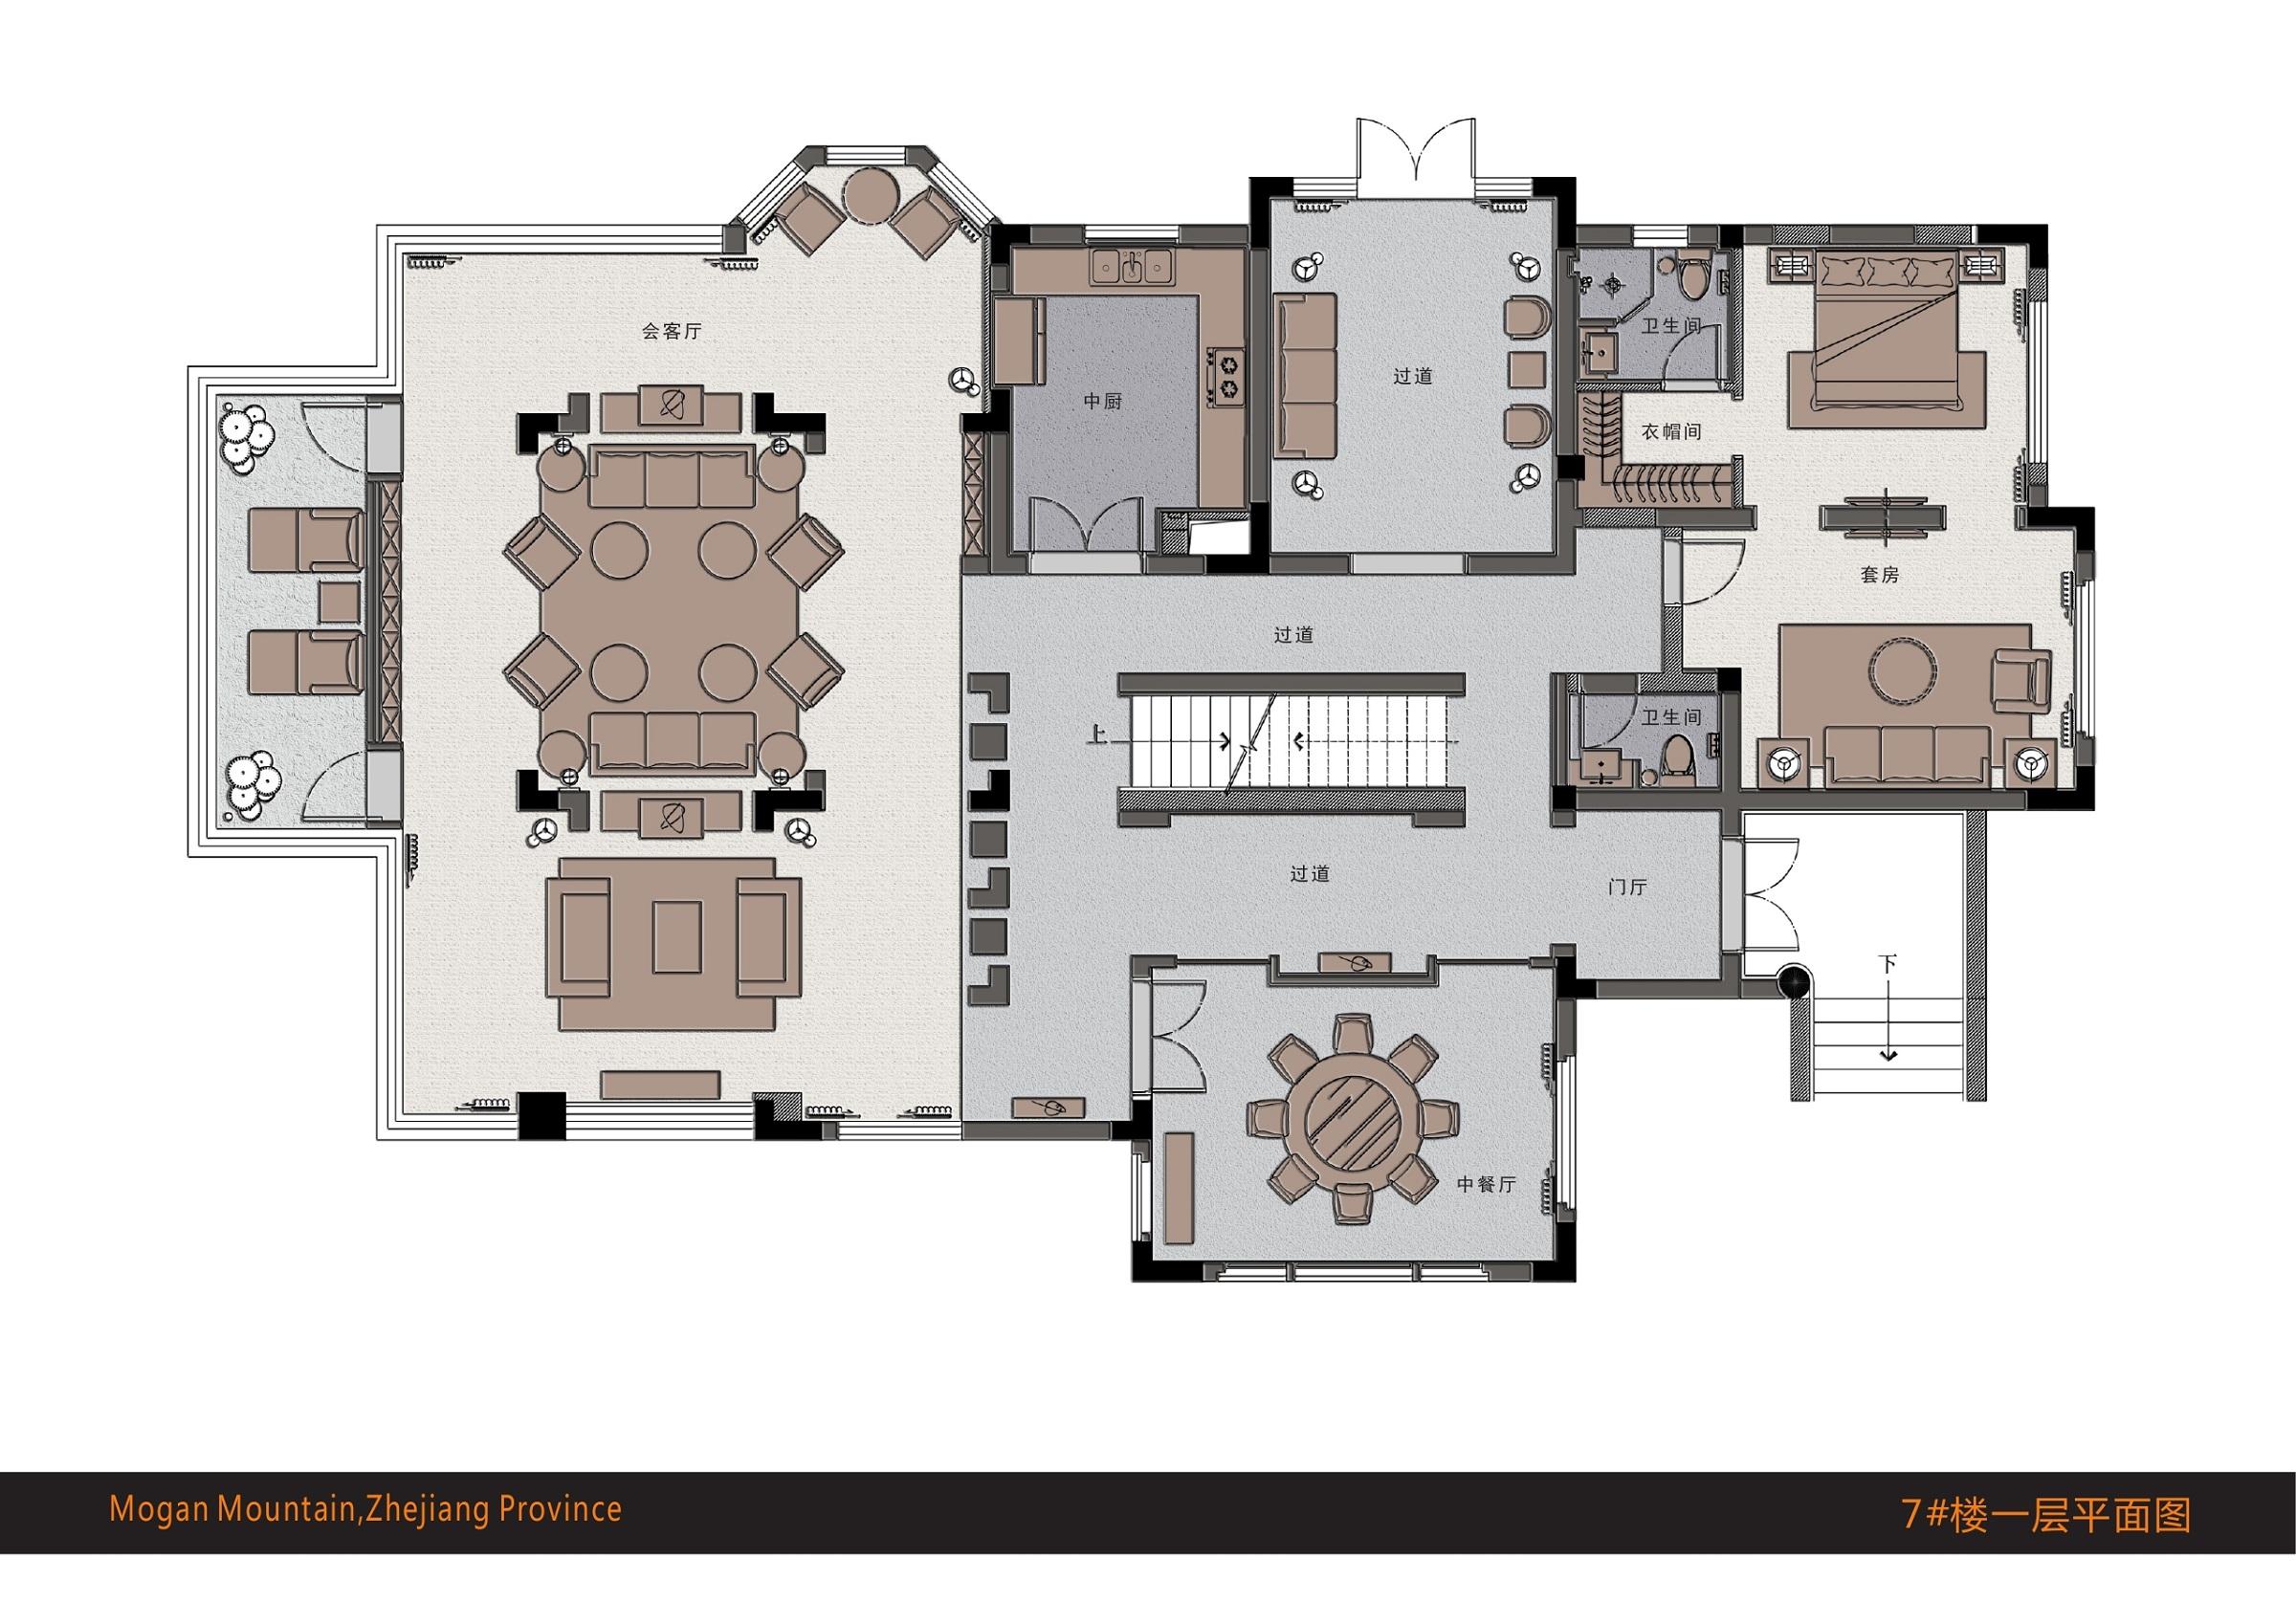 莫干山梦溪湖山庄74、4楼概念设计方案